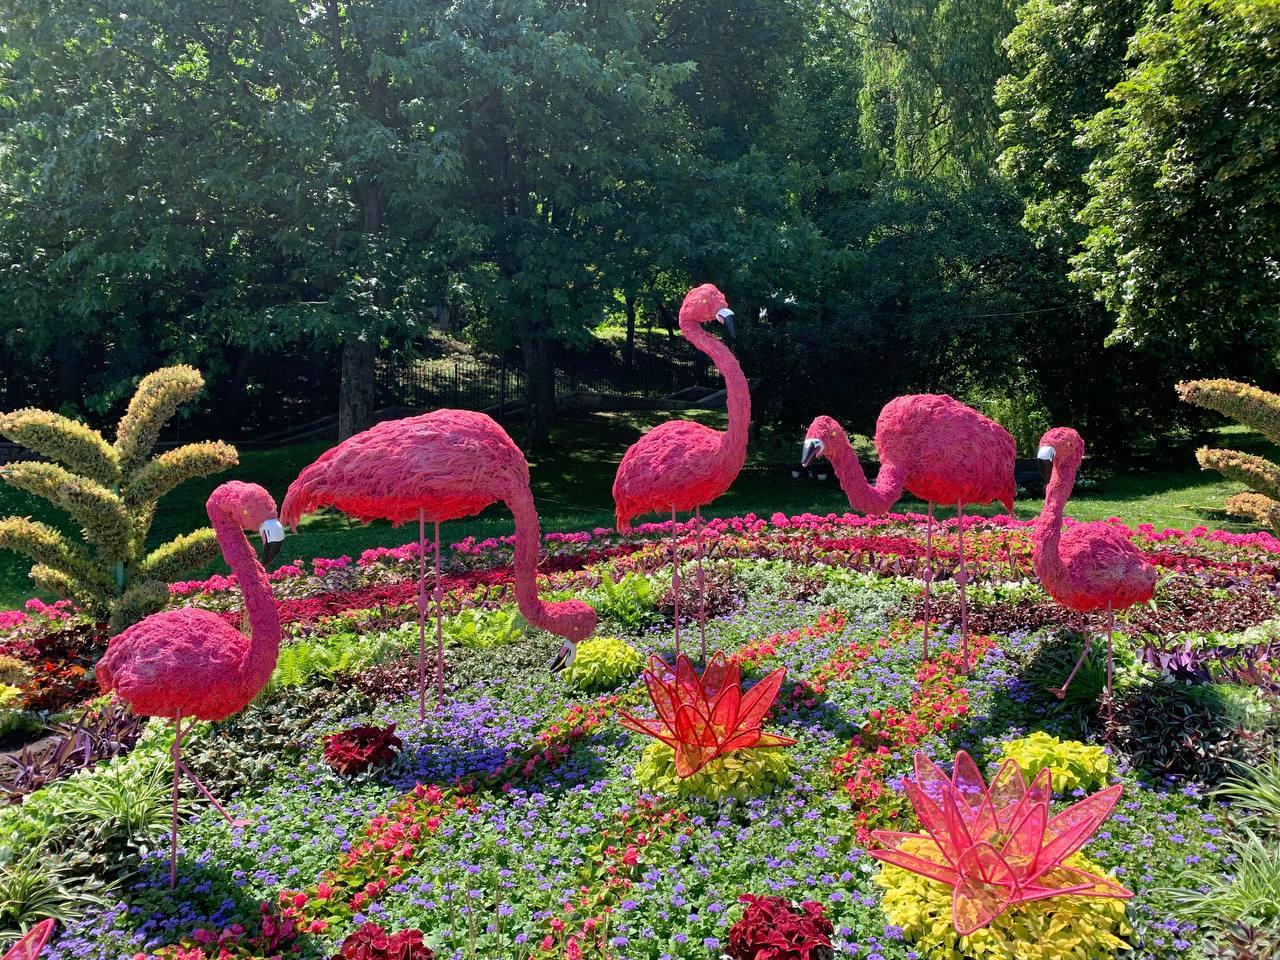 Дикие животные в центре Киева: в столичном парке стартовала летняя выставка цветов — фото 1